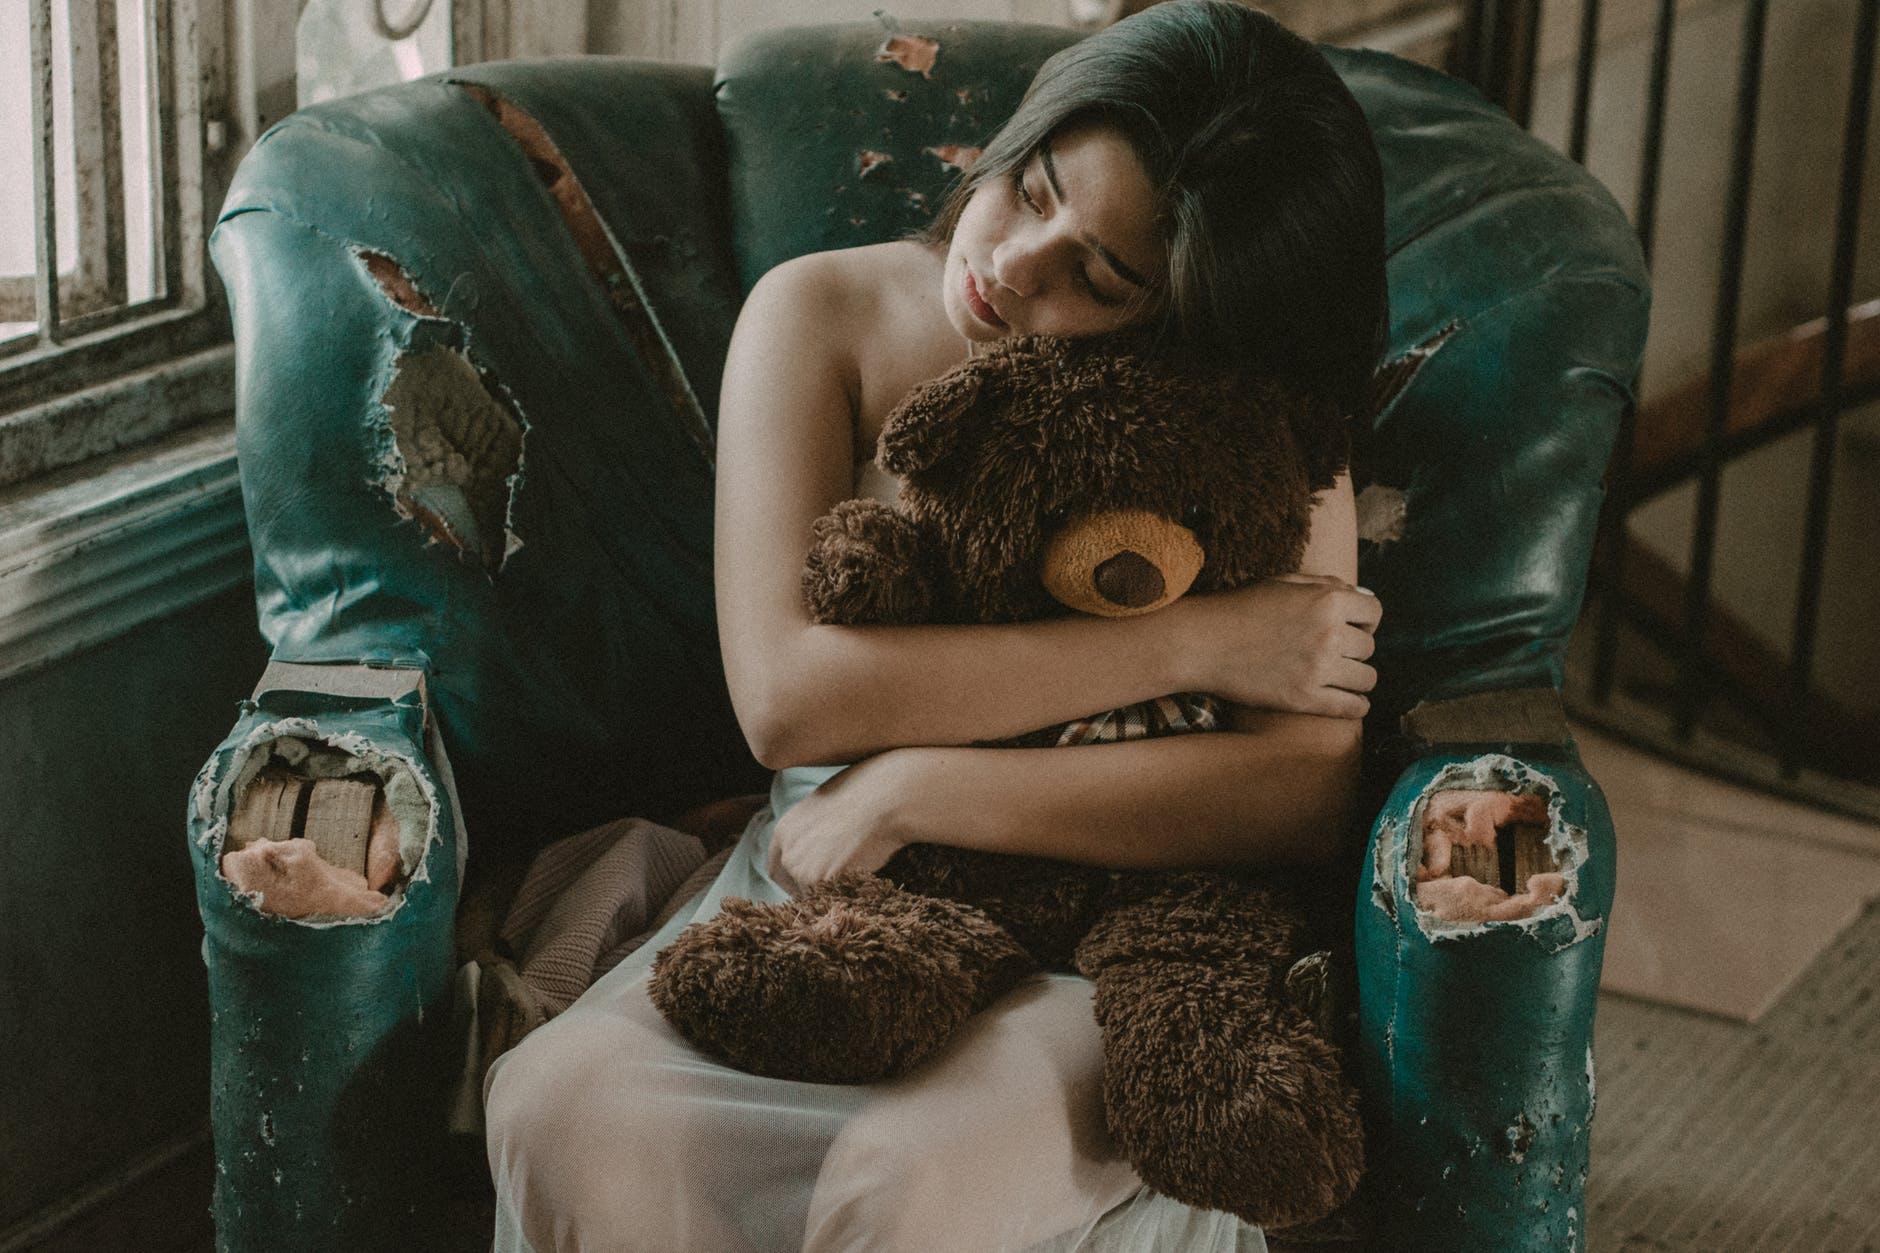 woman hugging brown bear plush toy